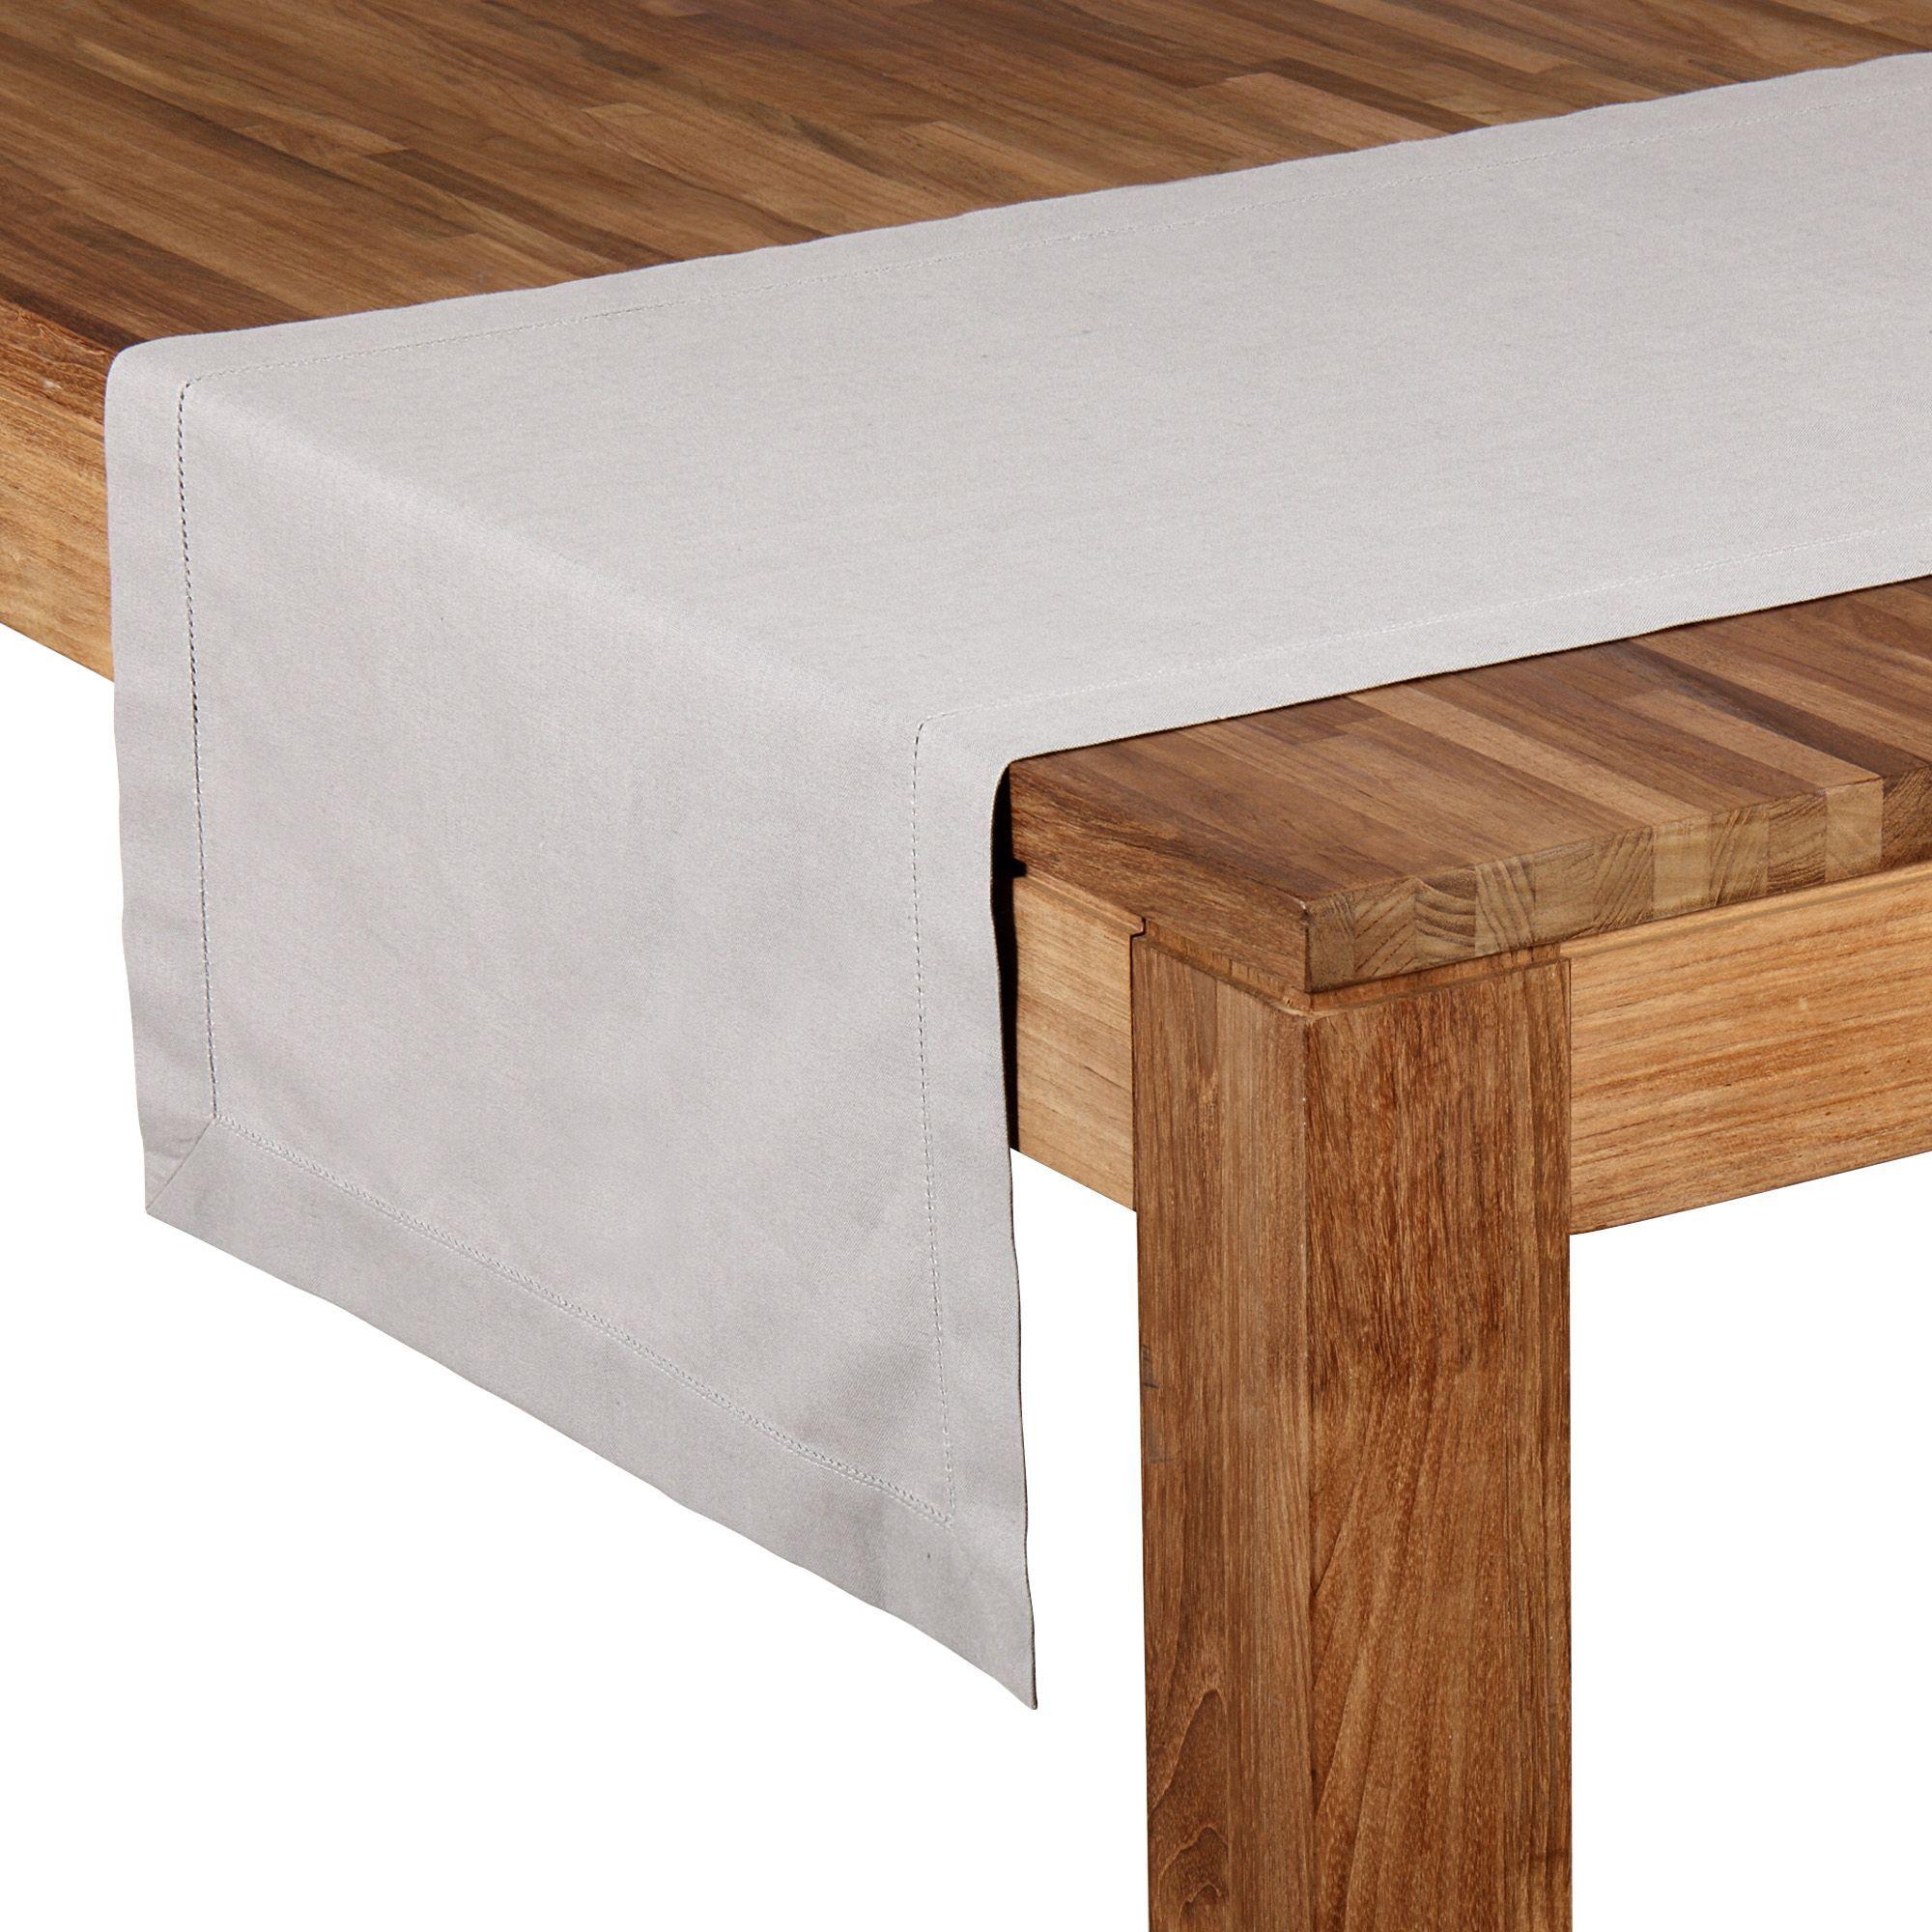 4f0d7c1584d2aae650f55903b71b95ea Frais De Table Basse Trocadero Des Idées